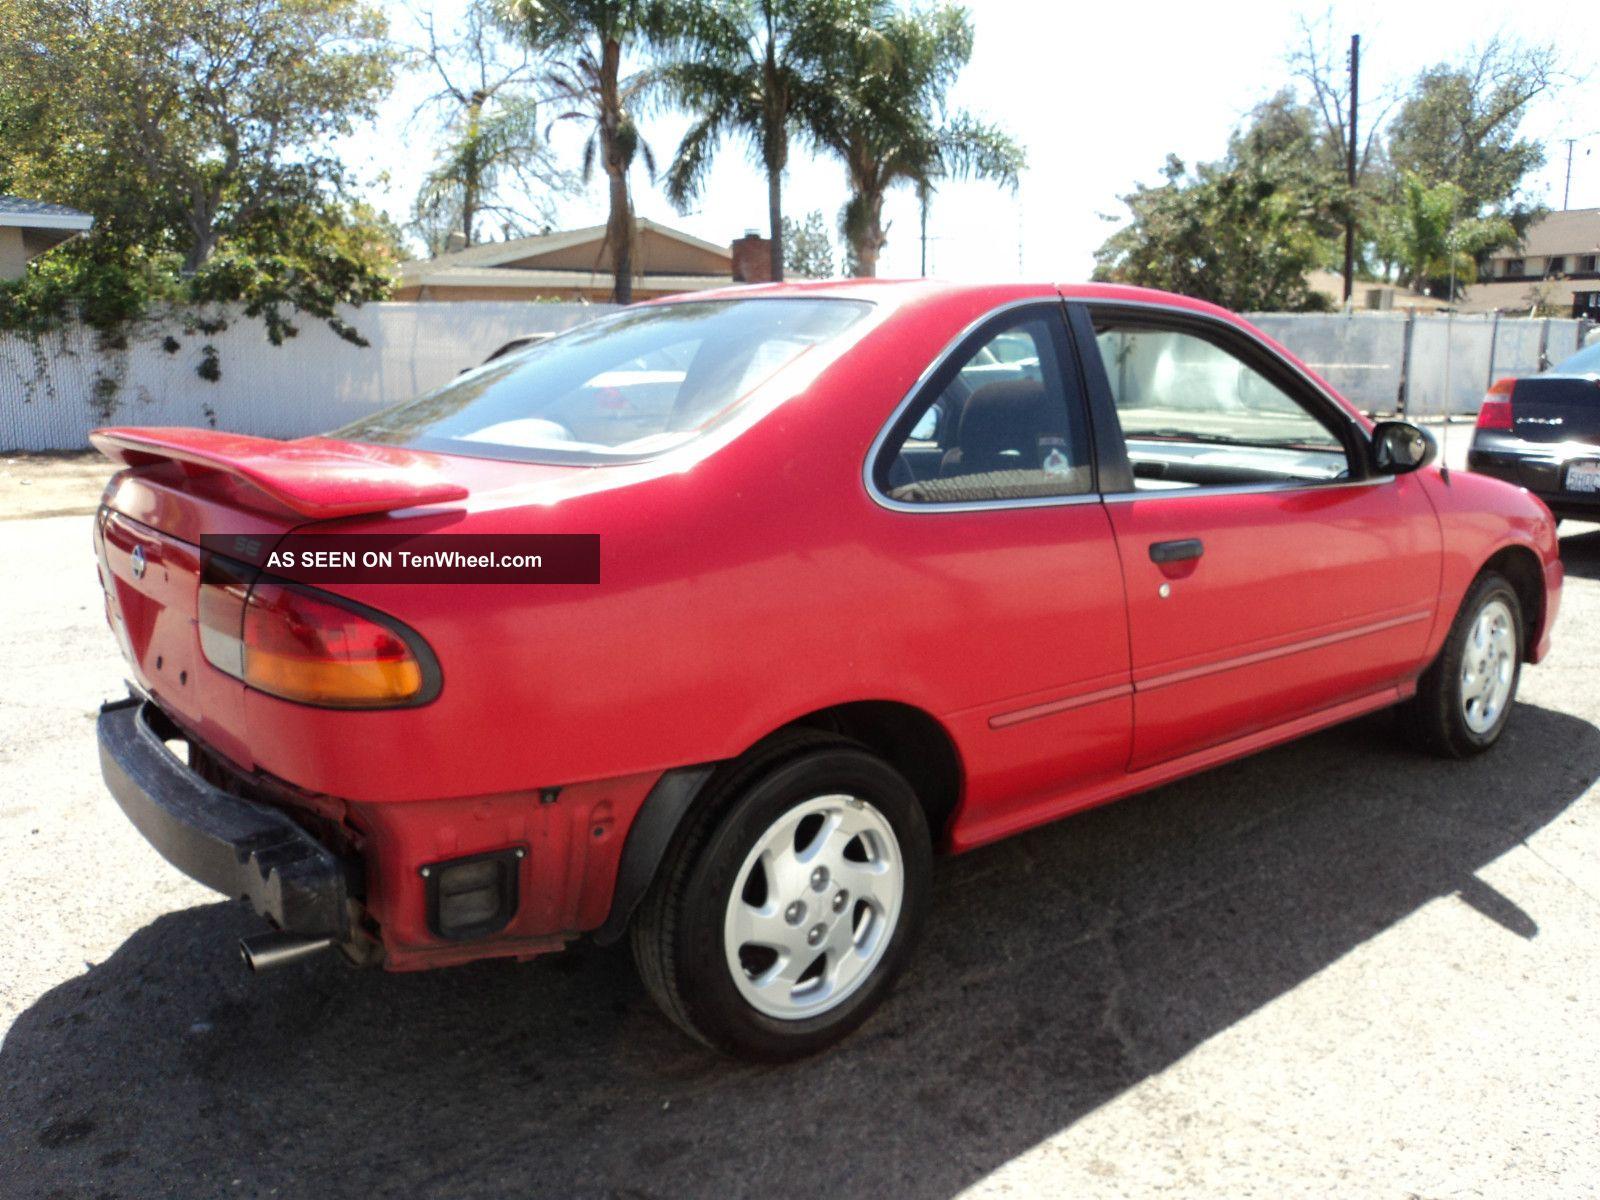 Nissan Sx Se Coupe Door L Lgw on Nissan 200sx 1 6l Engine